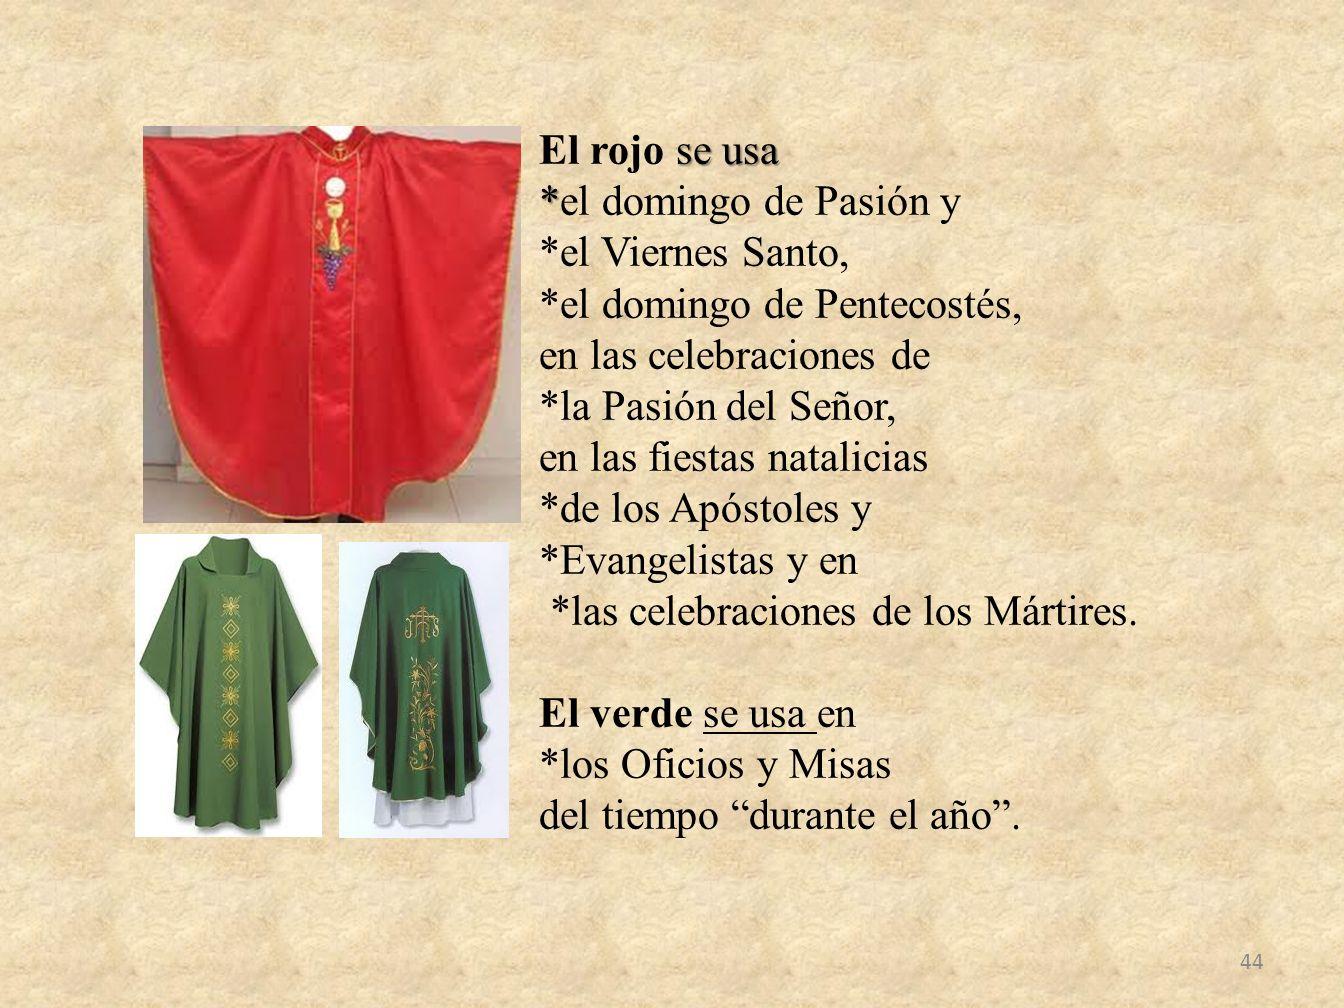 El rojo se usa. el domingo de Pasión y. el Viernes Santo,